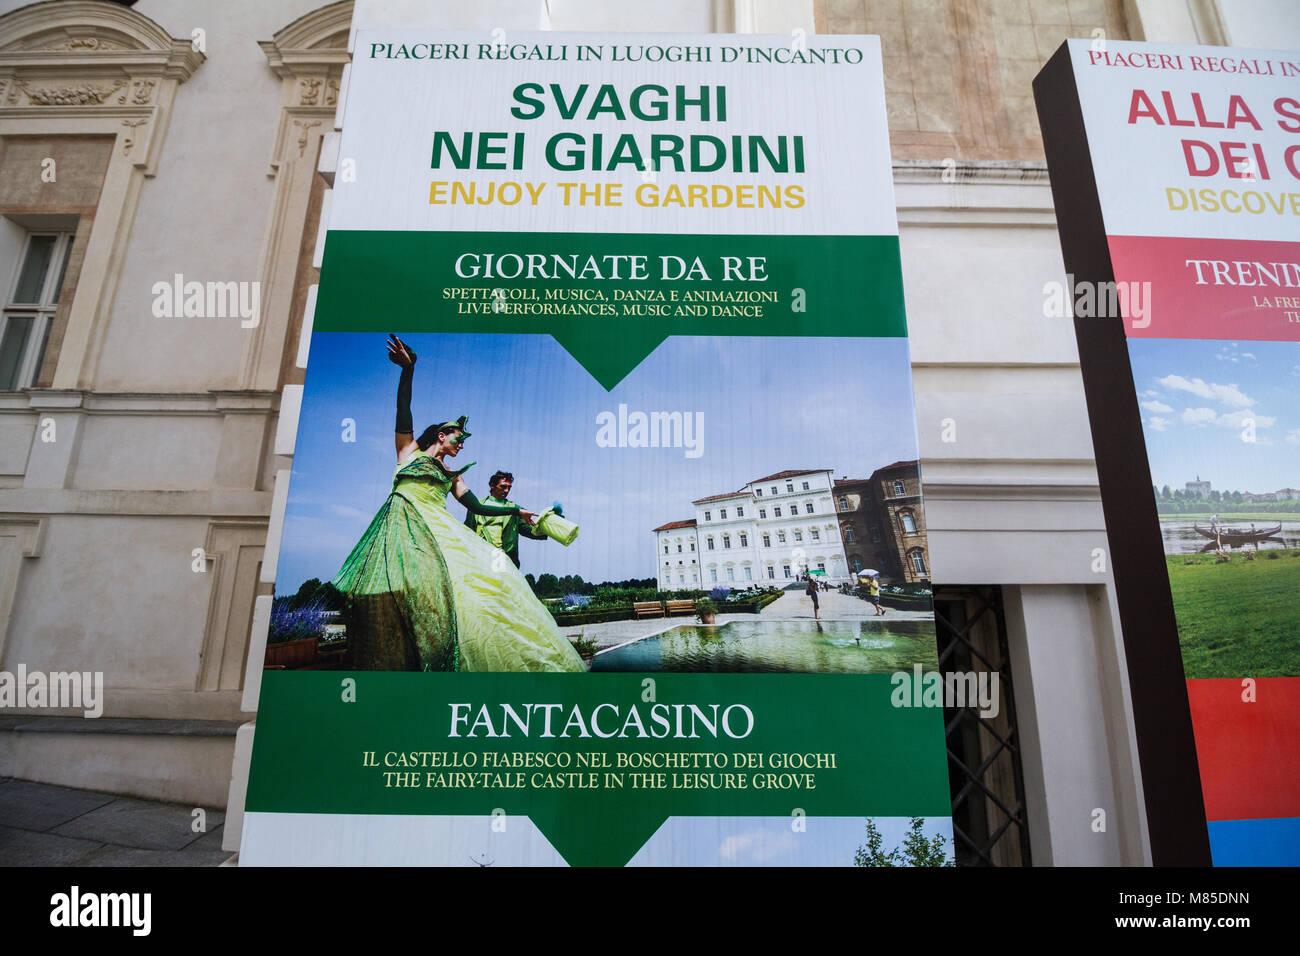 Tourist attractions in La Reggia di Venaria Reale, Italy - Stock Image